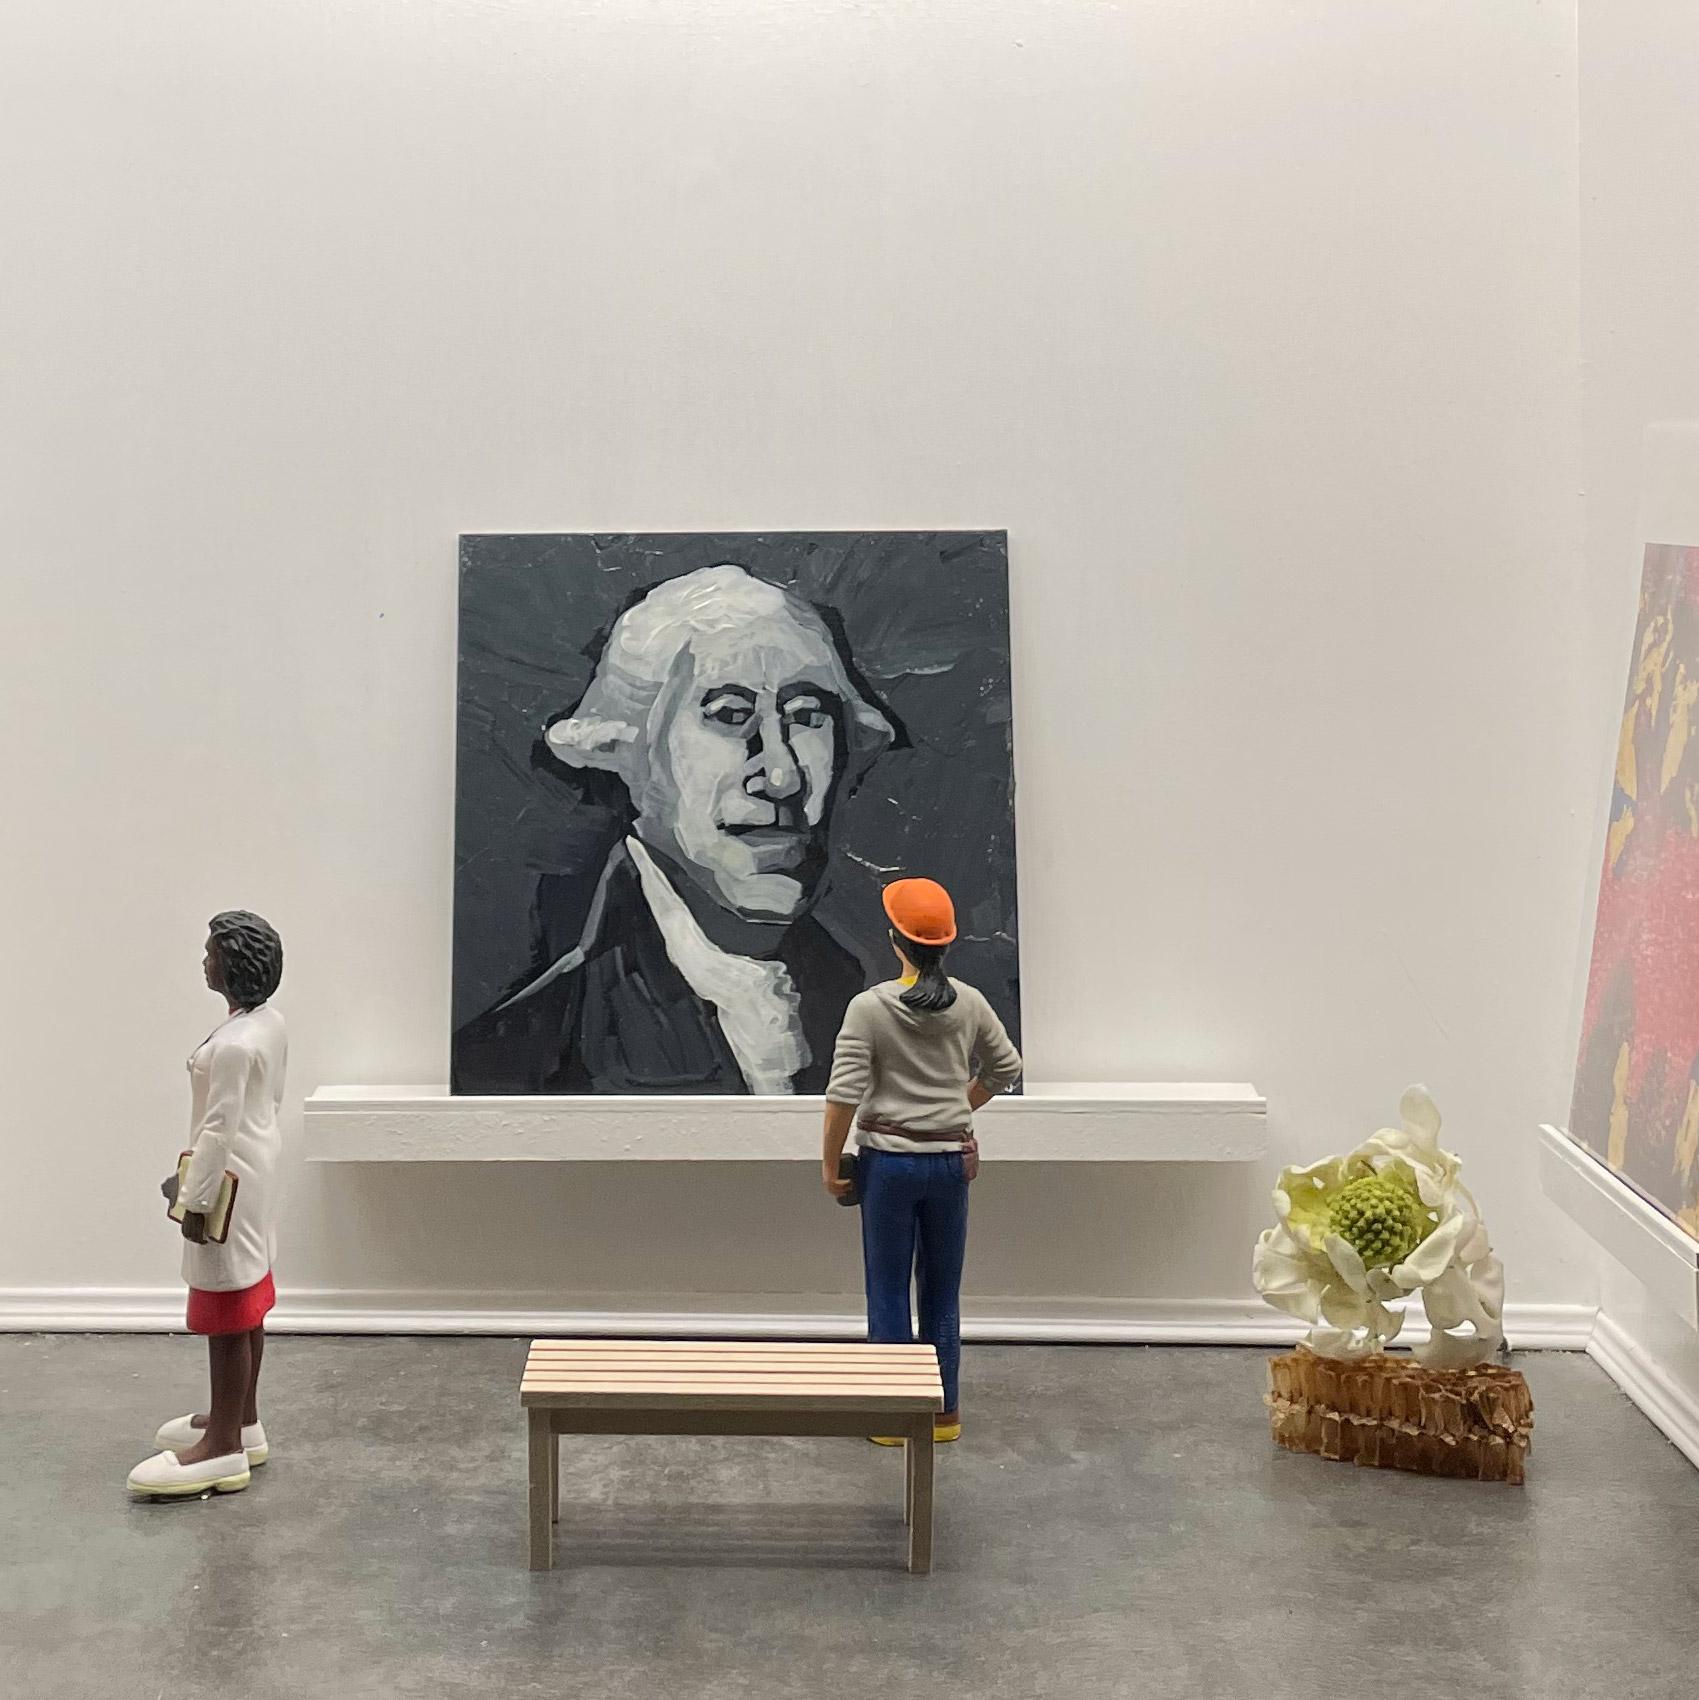 Free Little Art Gallery in Bend, Oregon